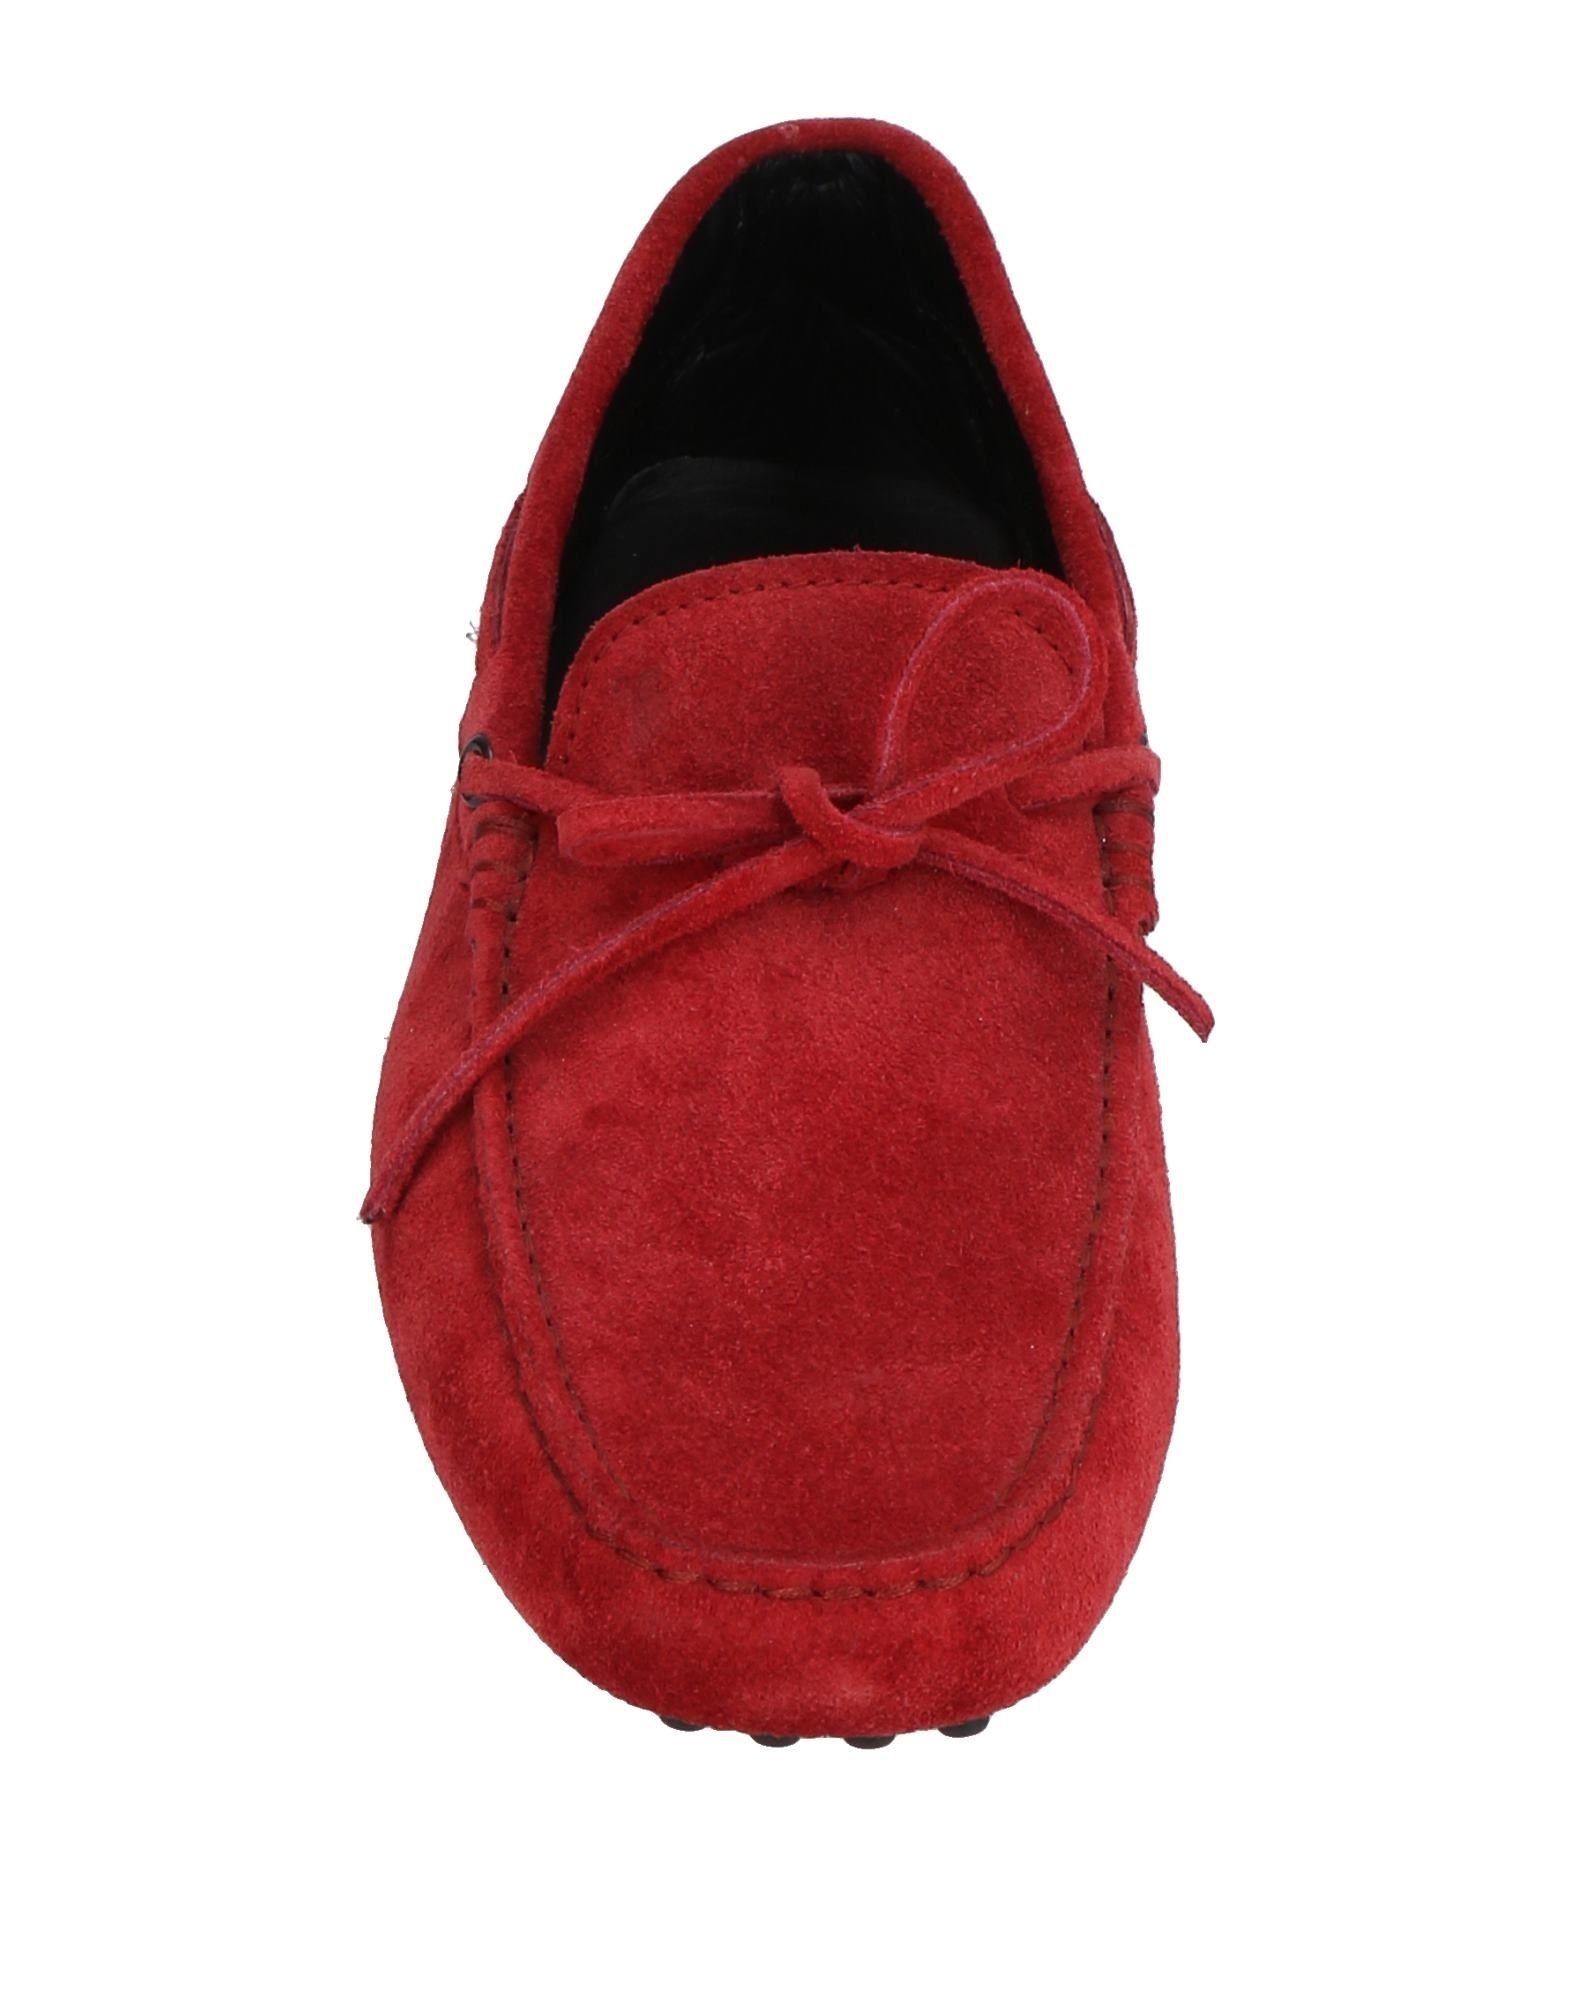 Tod's Mokassins Herren Qualität  11484888JH Gute Qualität Herren beliebte Schuhe 99c7c9